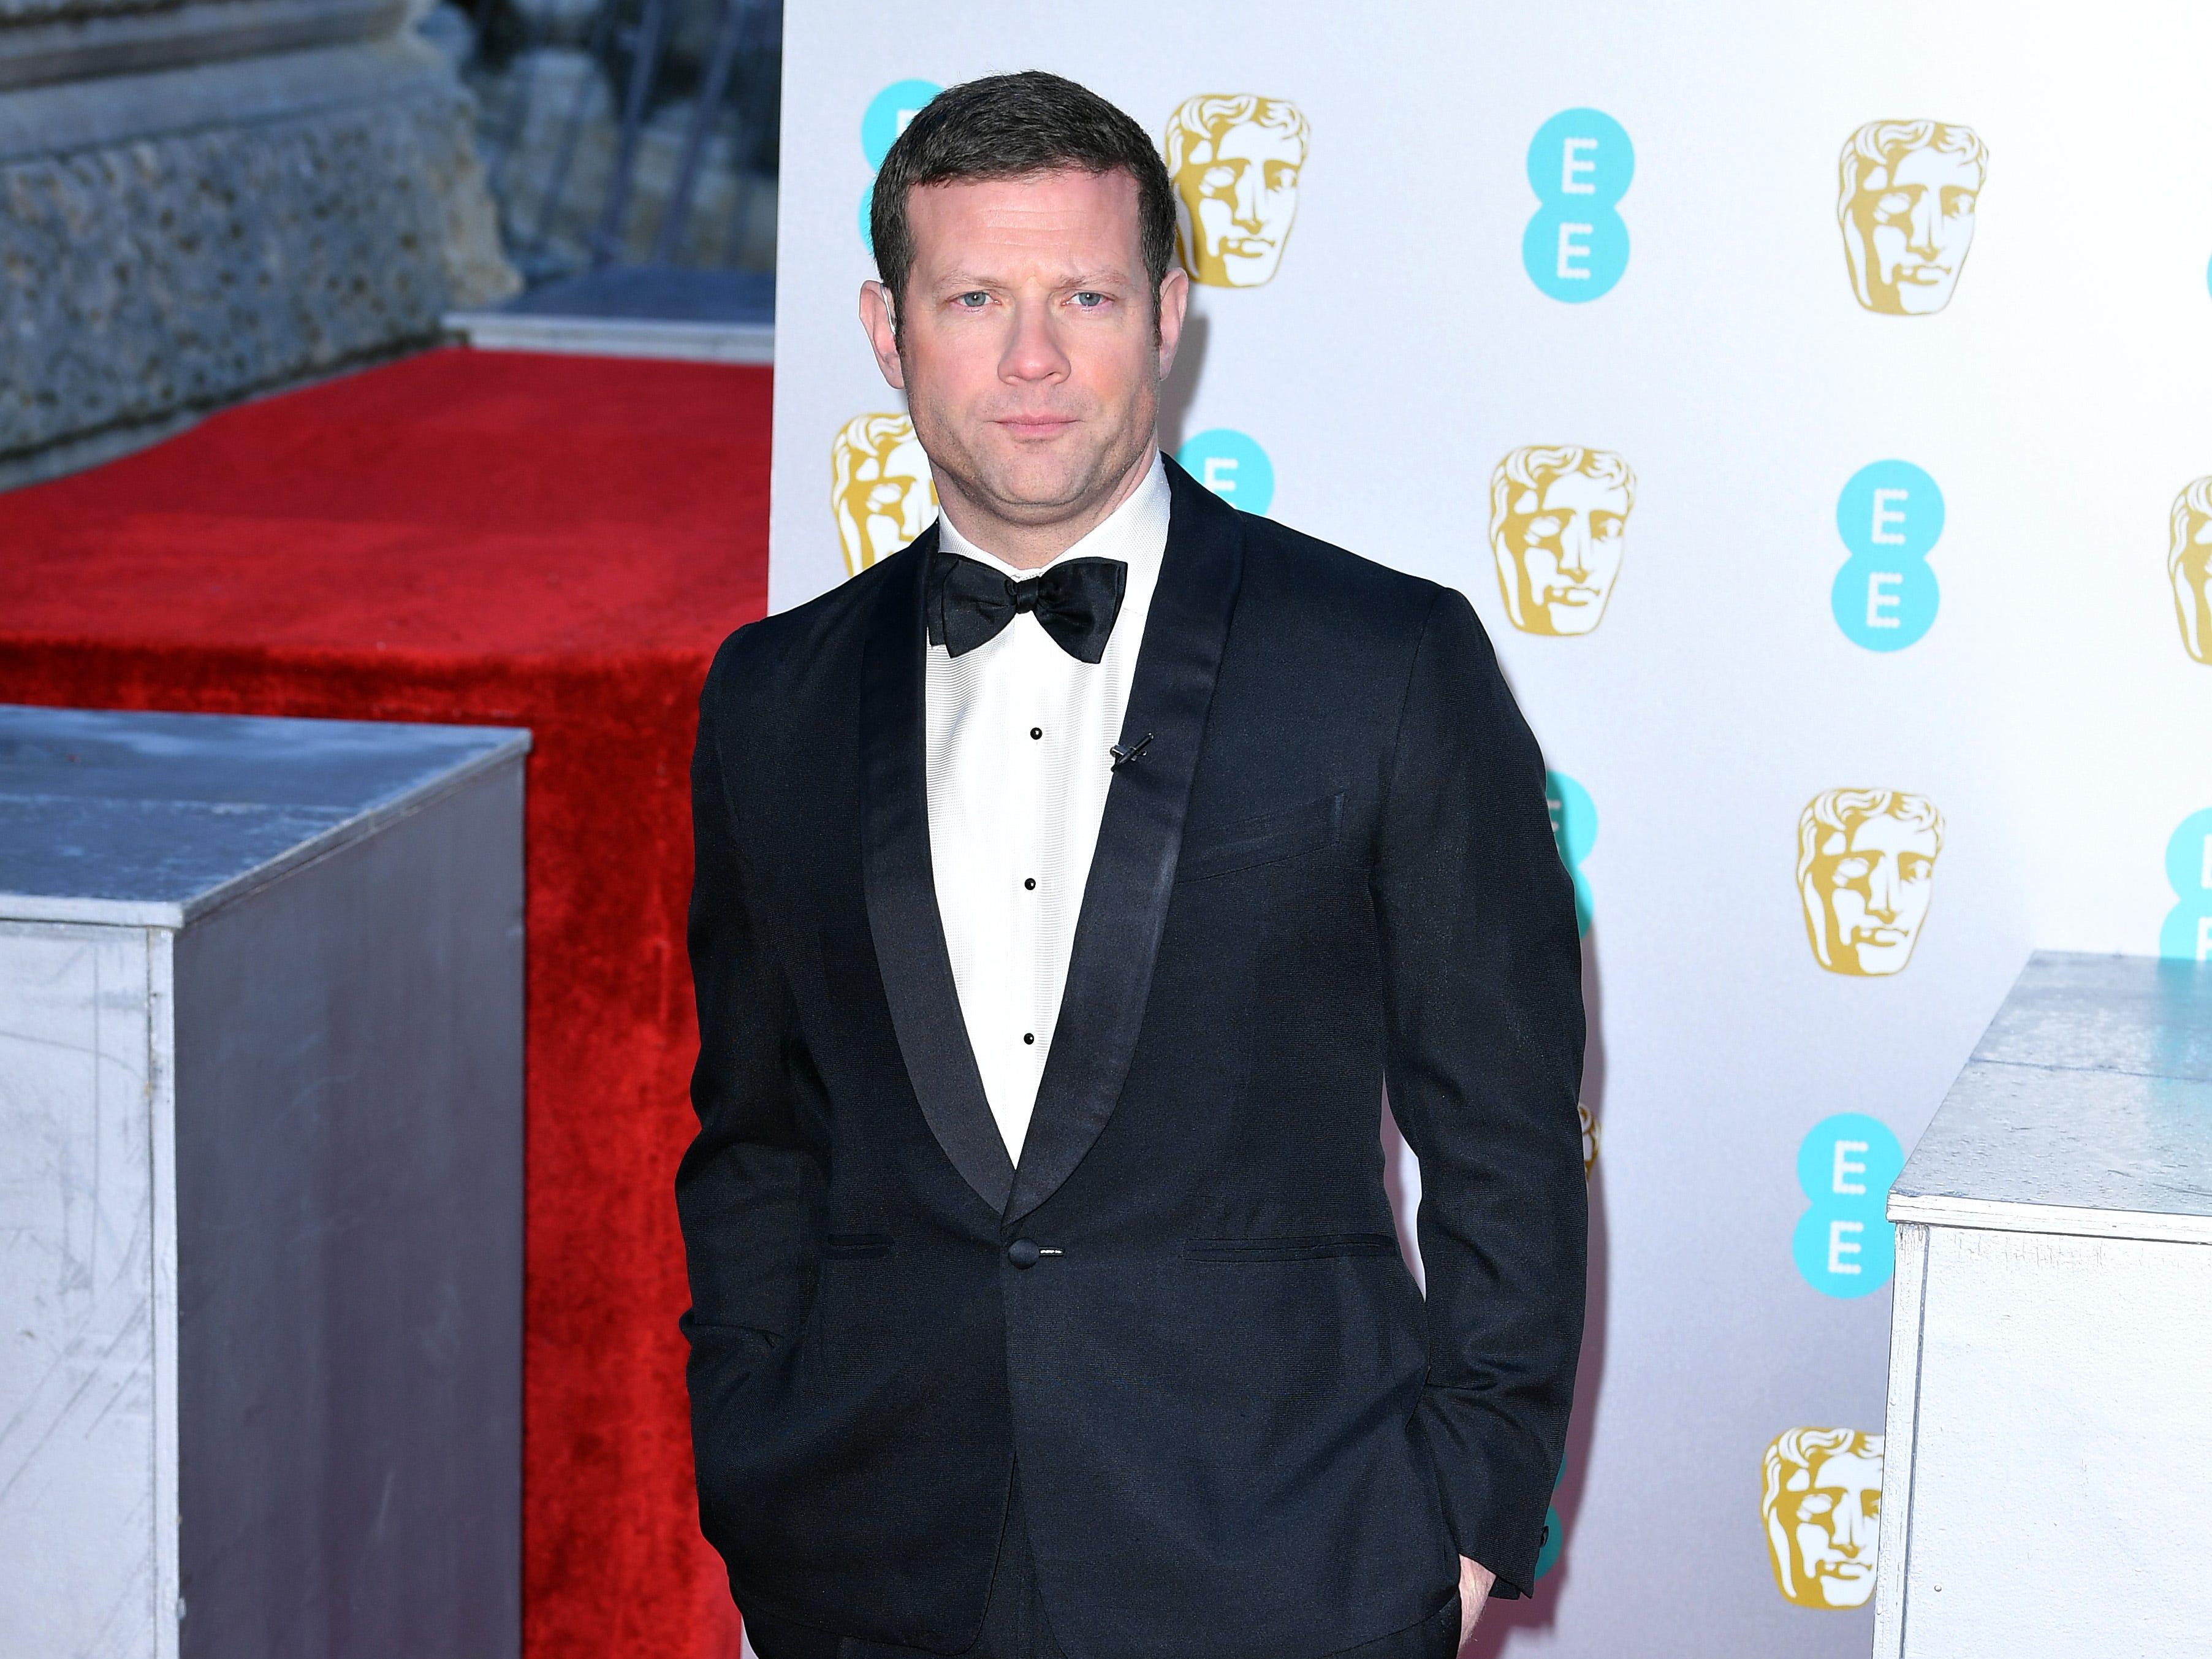 Dermot O'Leary a su llegada a la alfombra roja de los Premios de la Academia Británica de Cine BAFTA en el Royal Albert Hall en Londres el 10 de febrero de 2019.